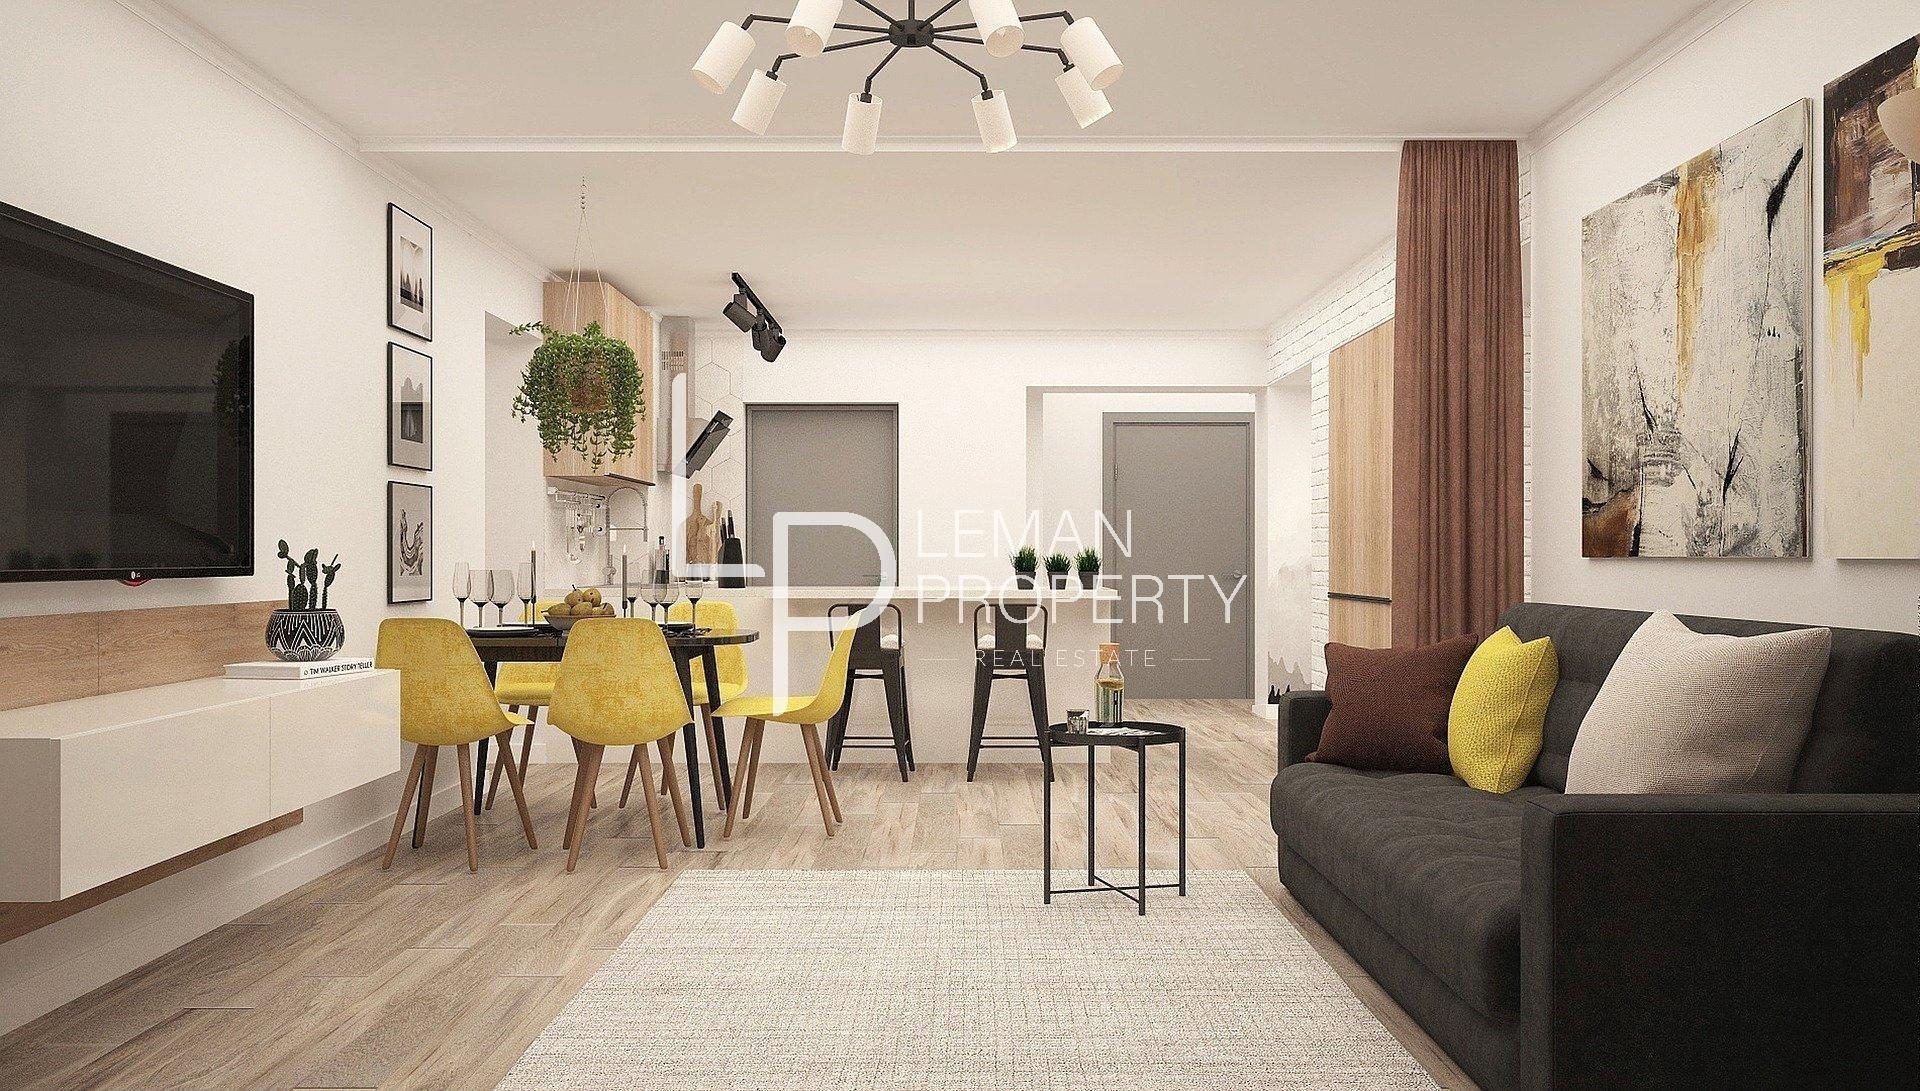 Vente de appartement d'une surface de 44 m2